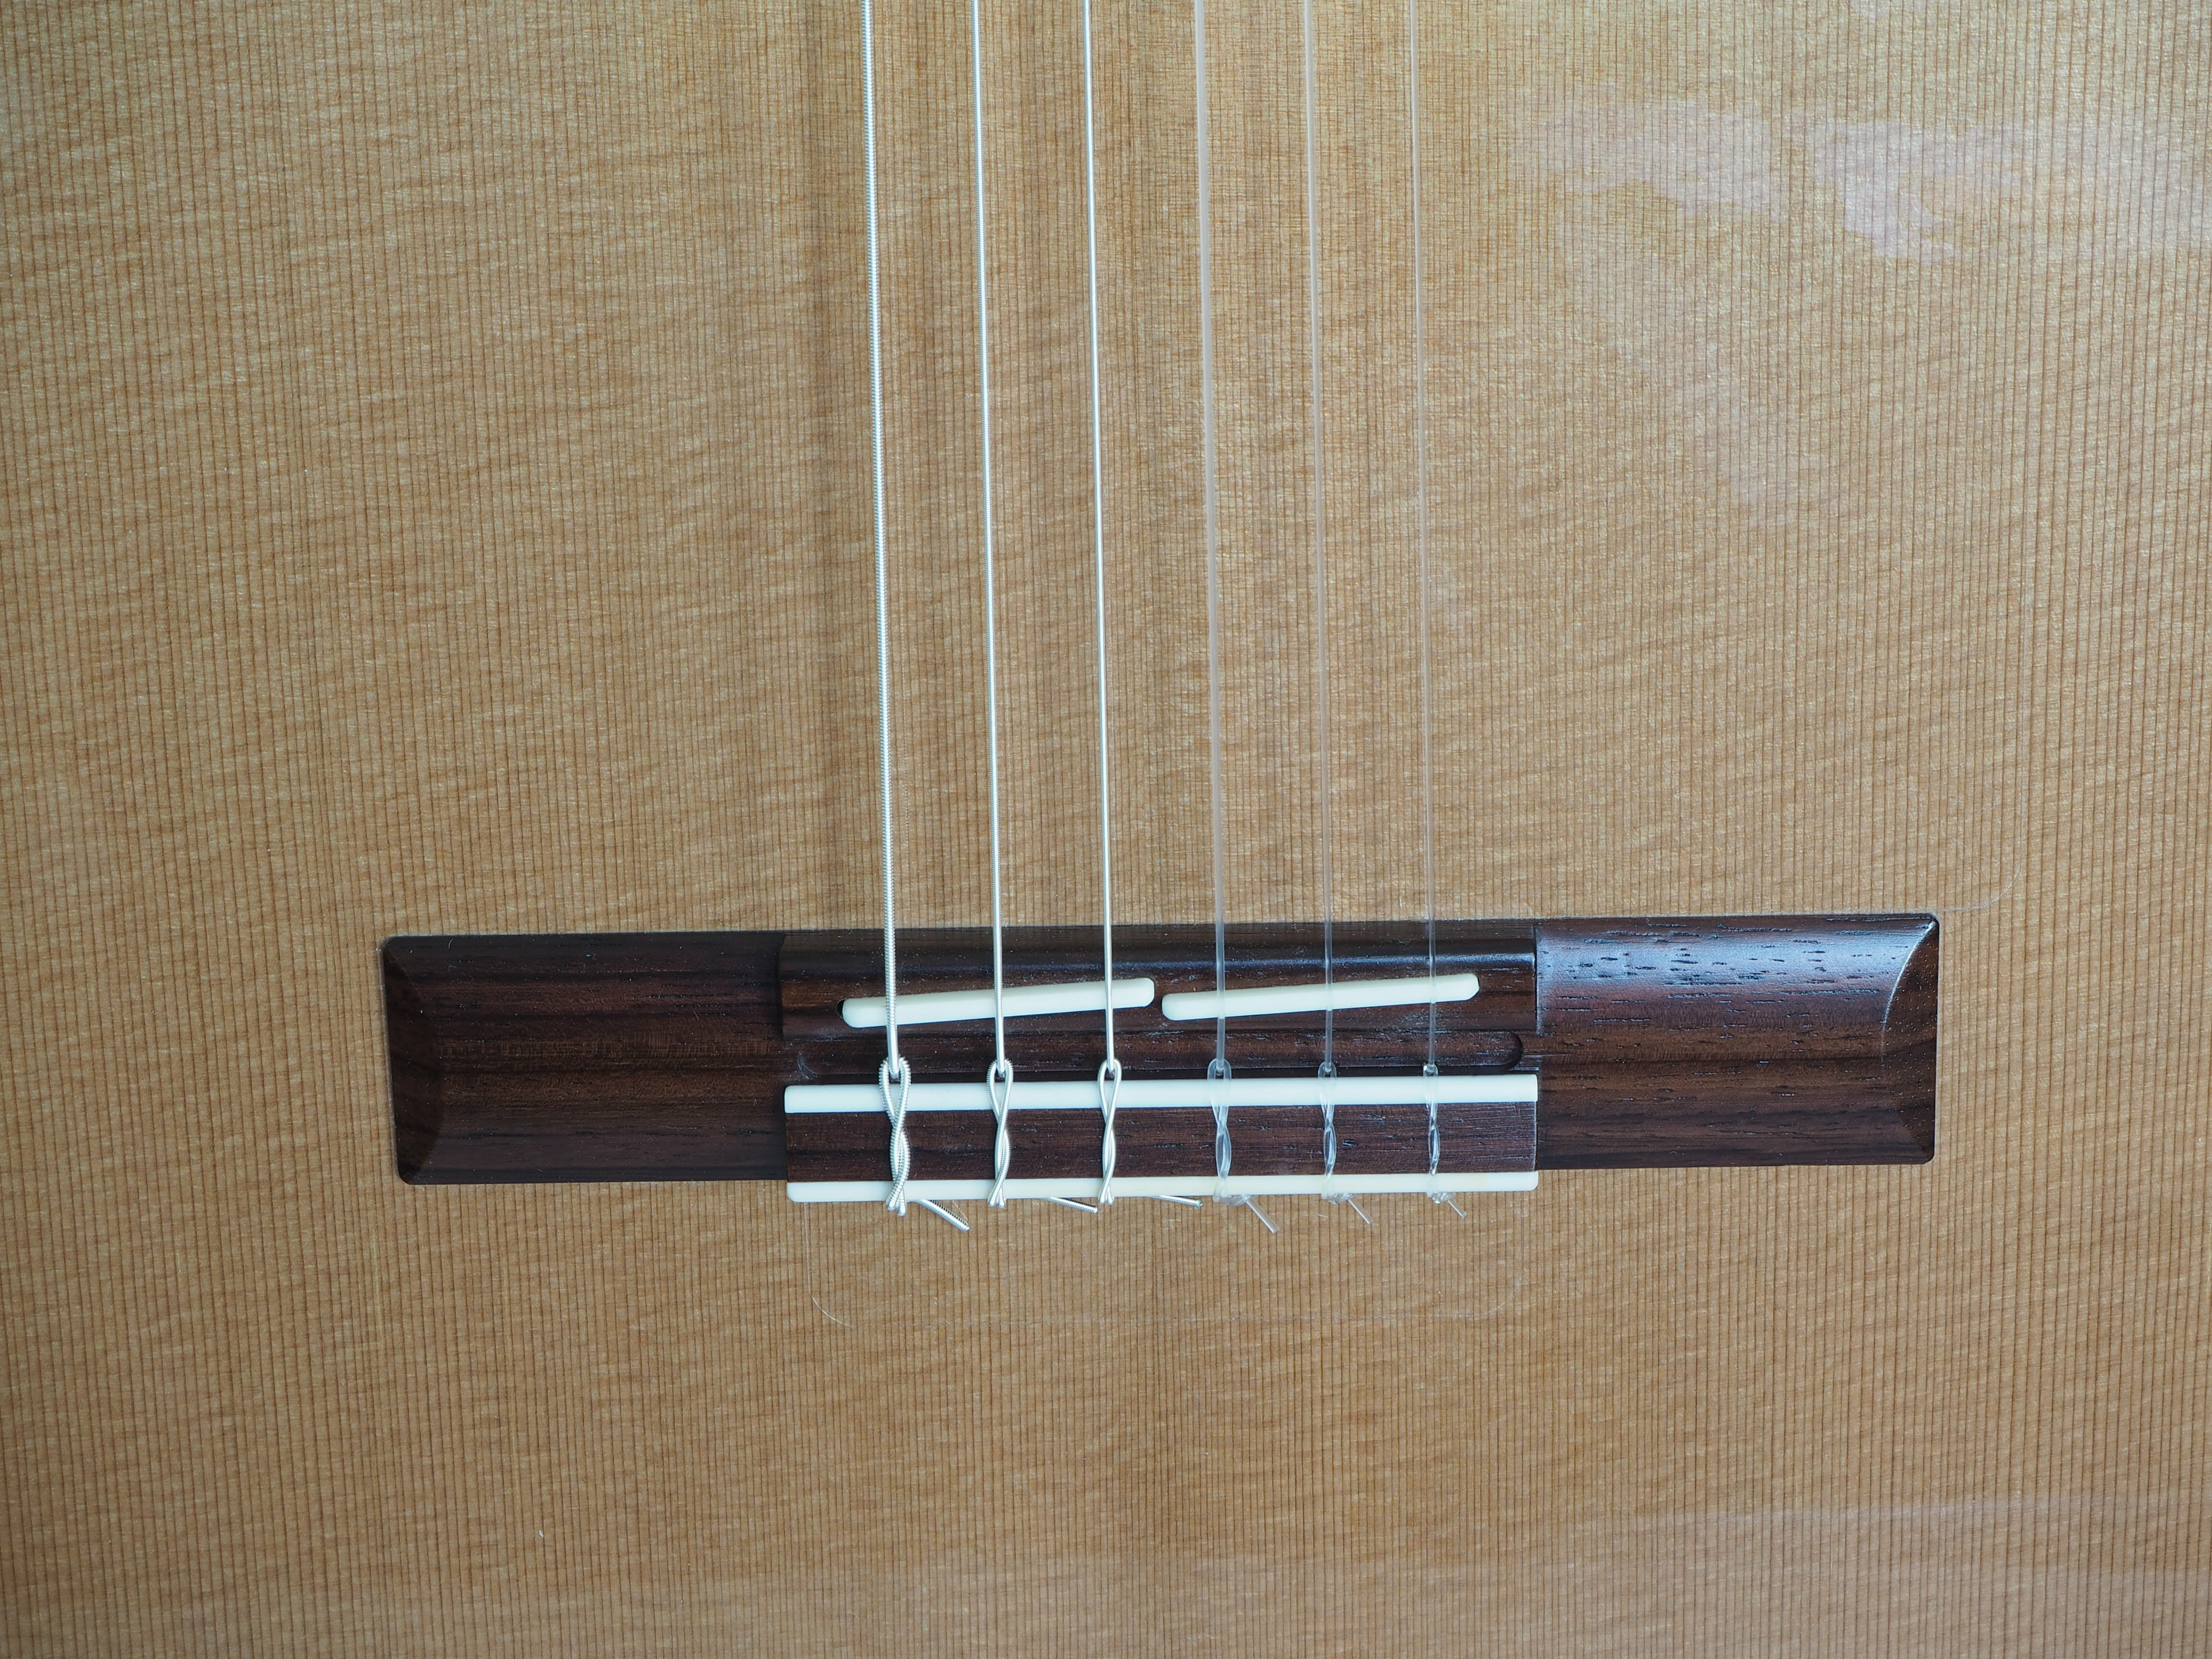 guitare classique luthier John Price 356